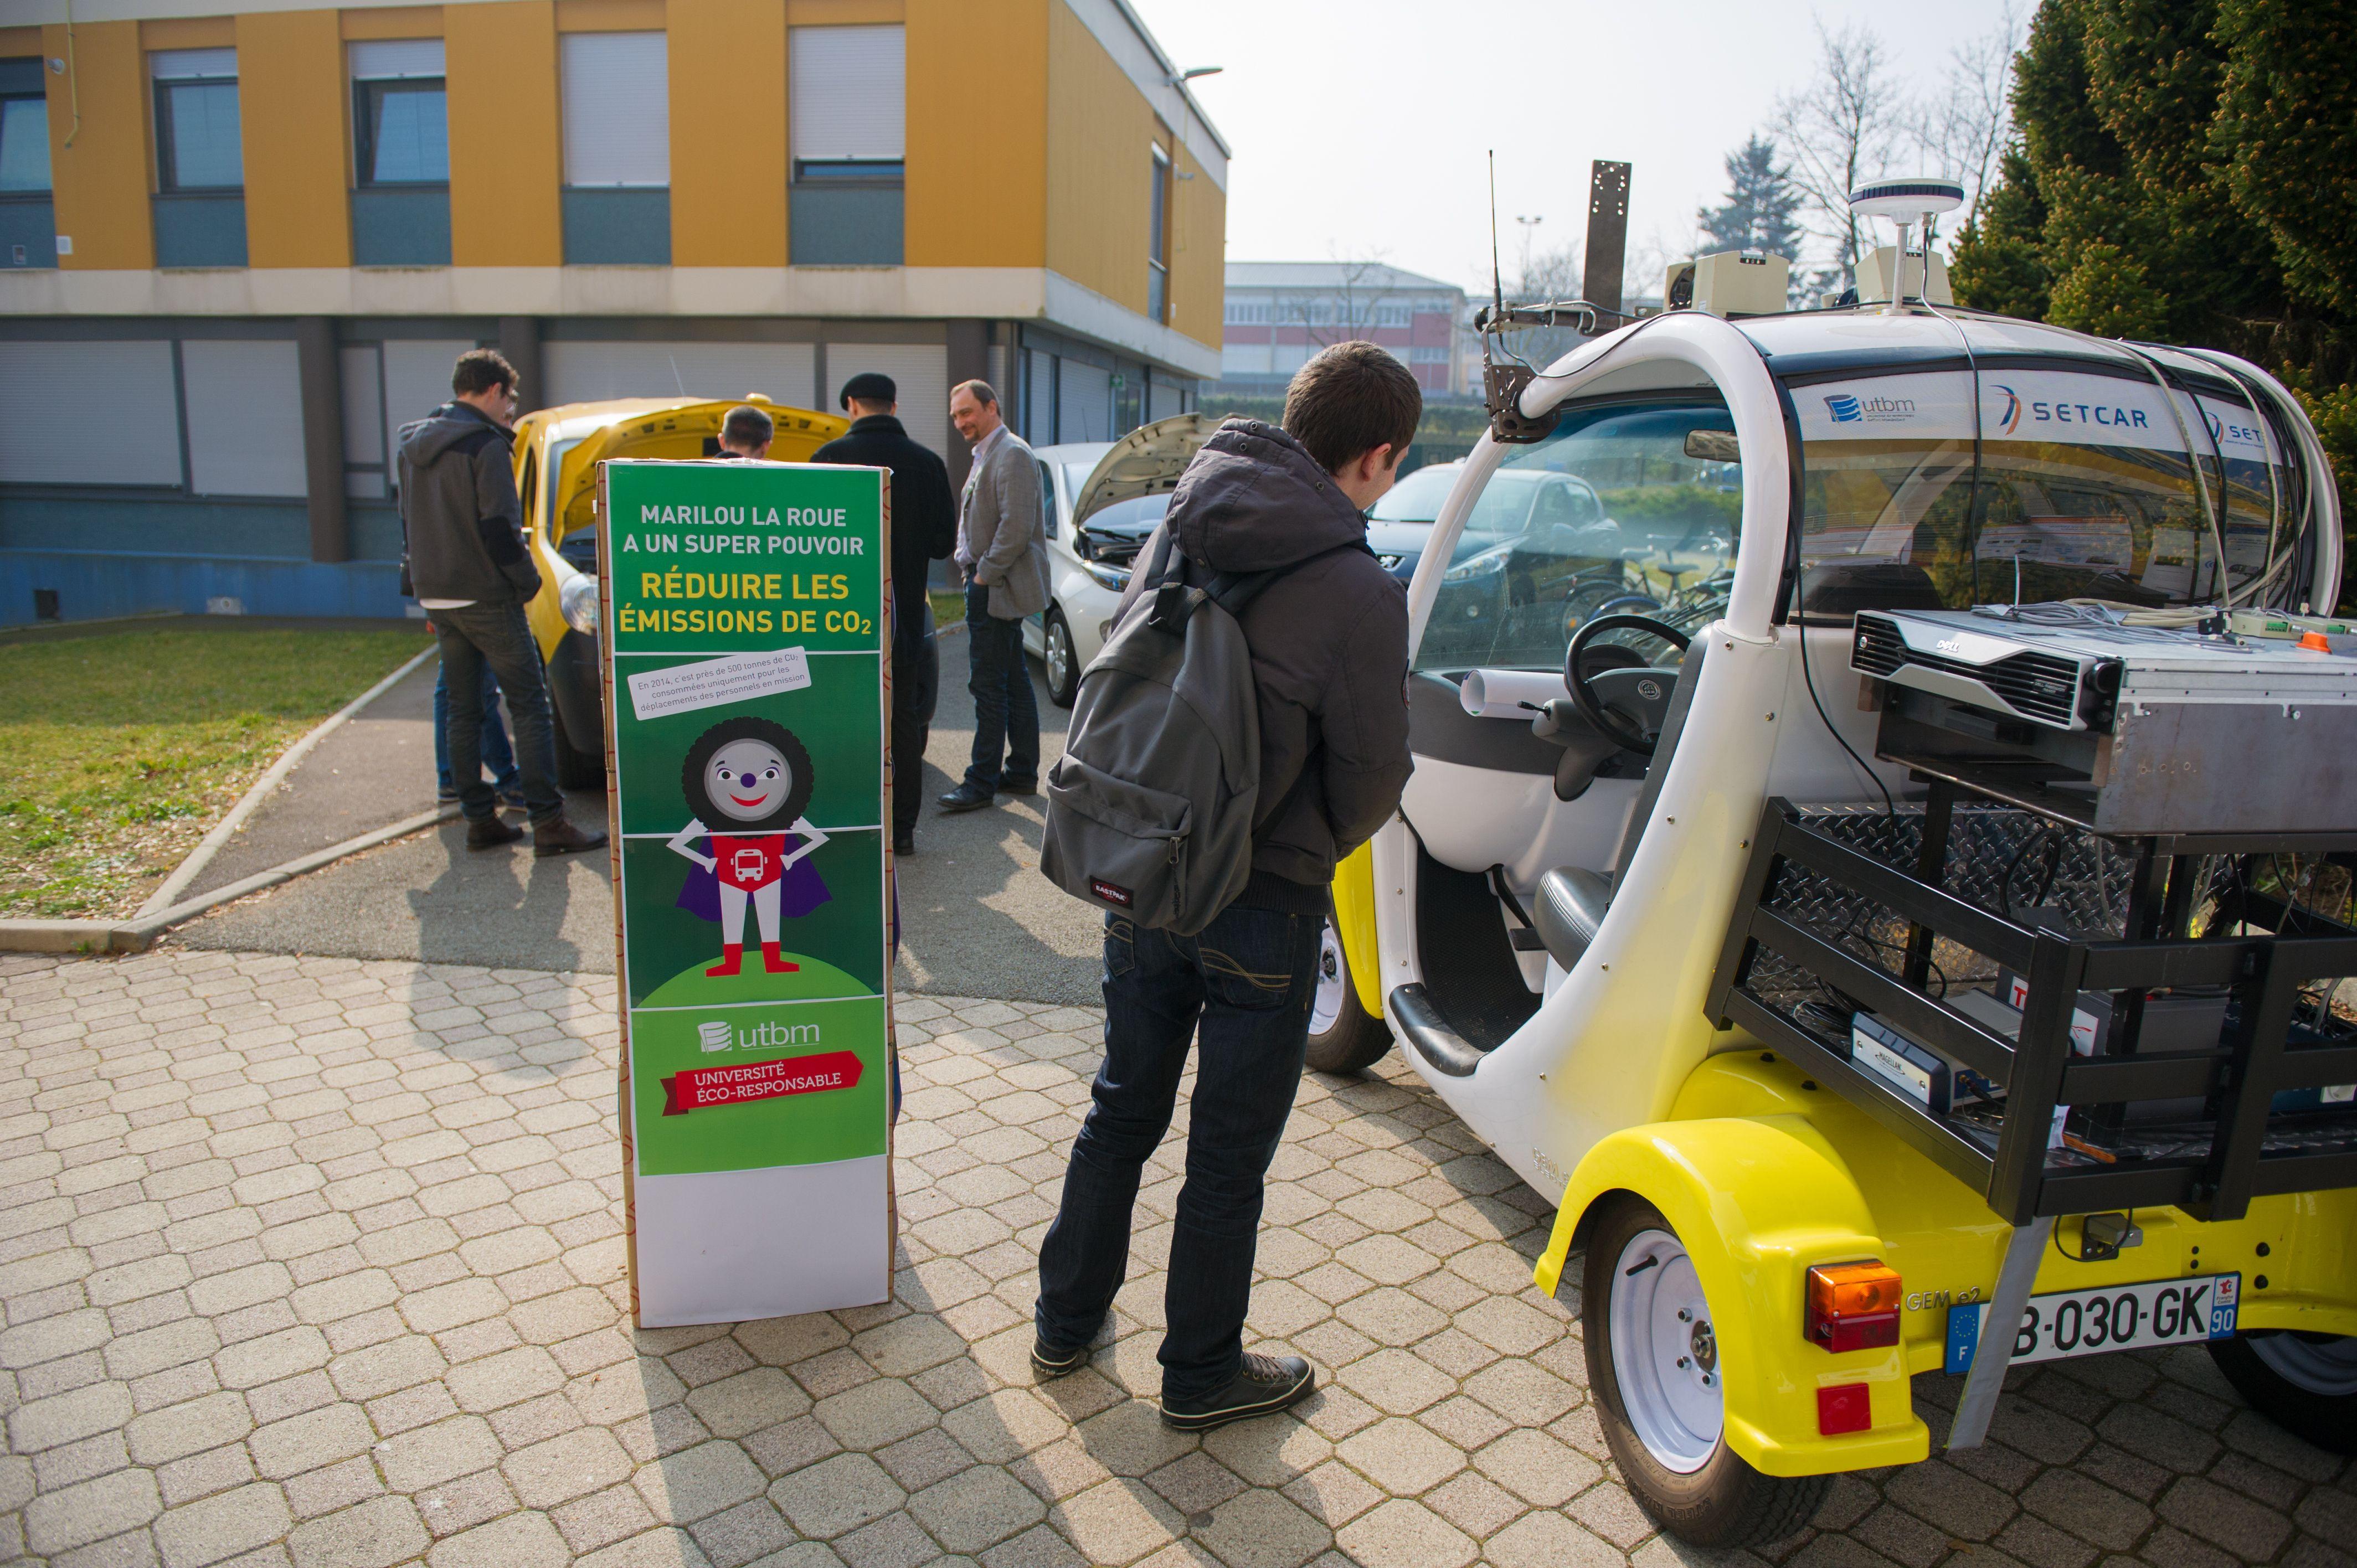 Campagne éco-gestes, lancement de la thématique mobilités autour d'un petit déjeuner équitable. Les véhicules intelligents des labos de recherche de l'UTBM étaient également de sortie. UTBM - service communication / DR